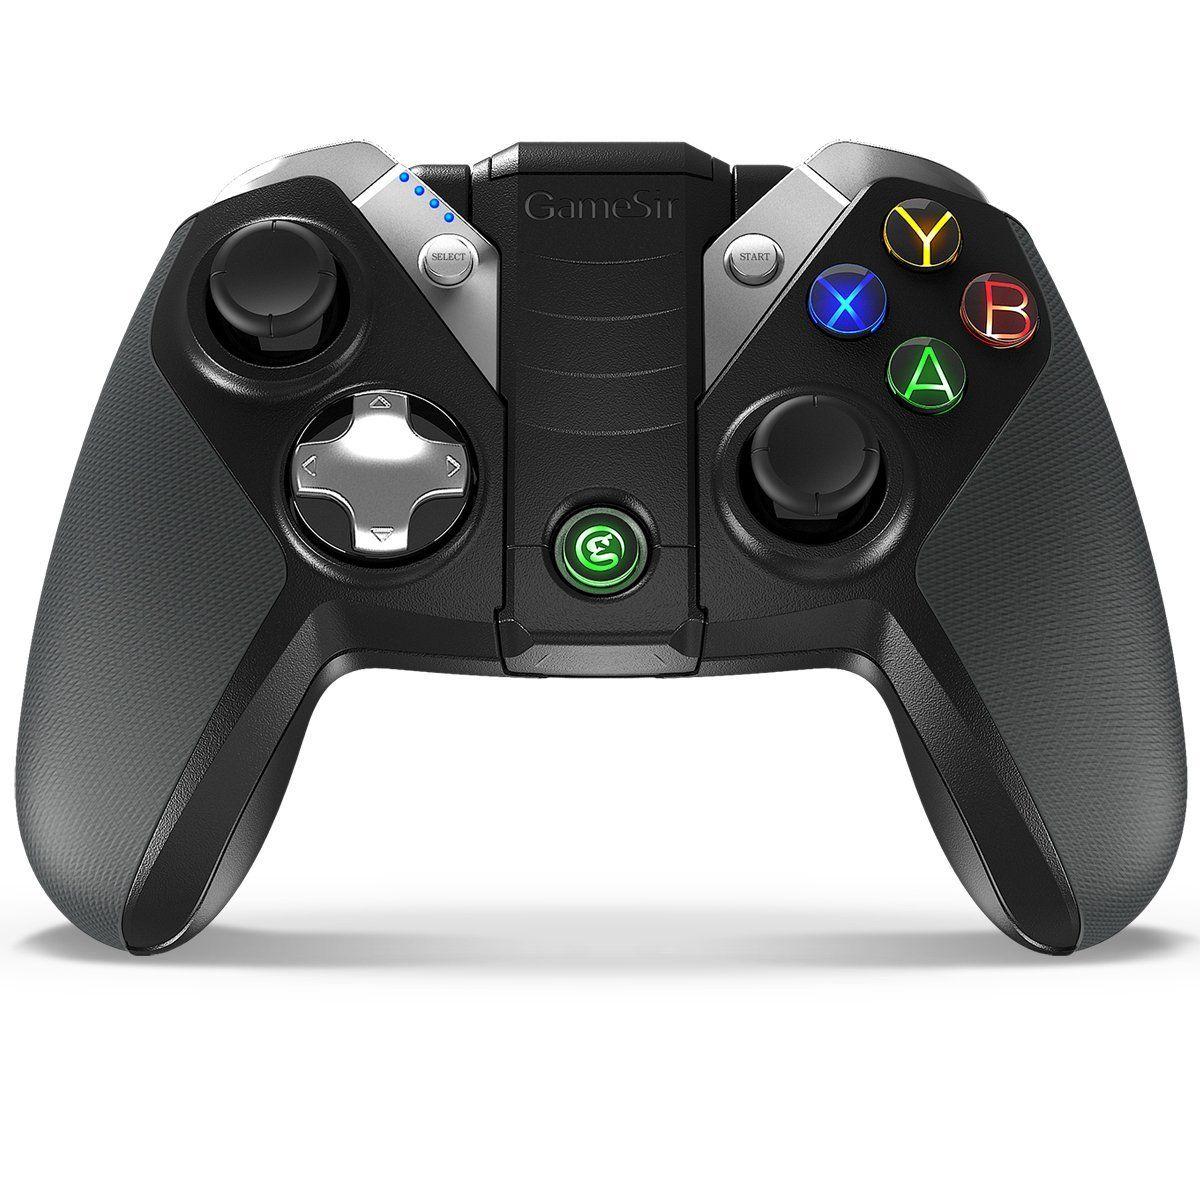 GameSir G4 Bluetooth Gaming Controller for